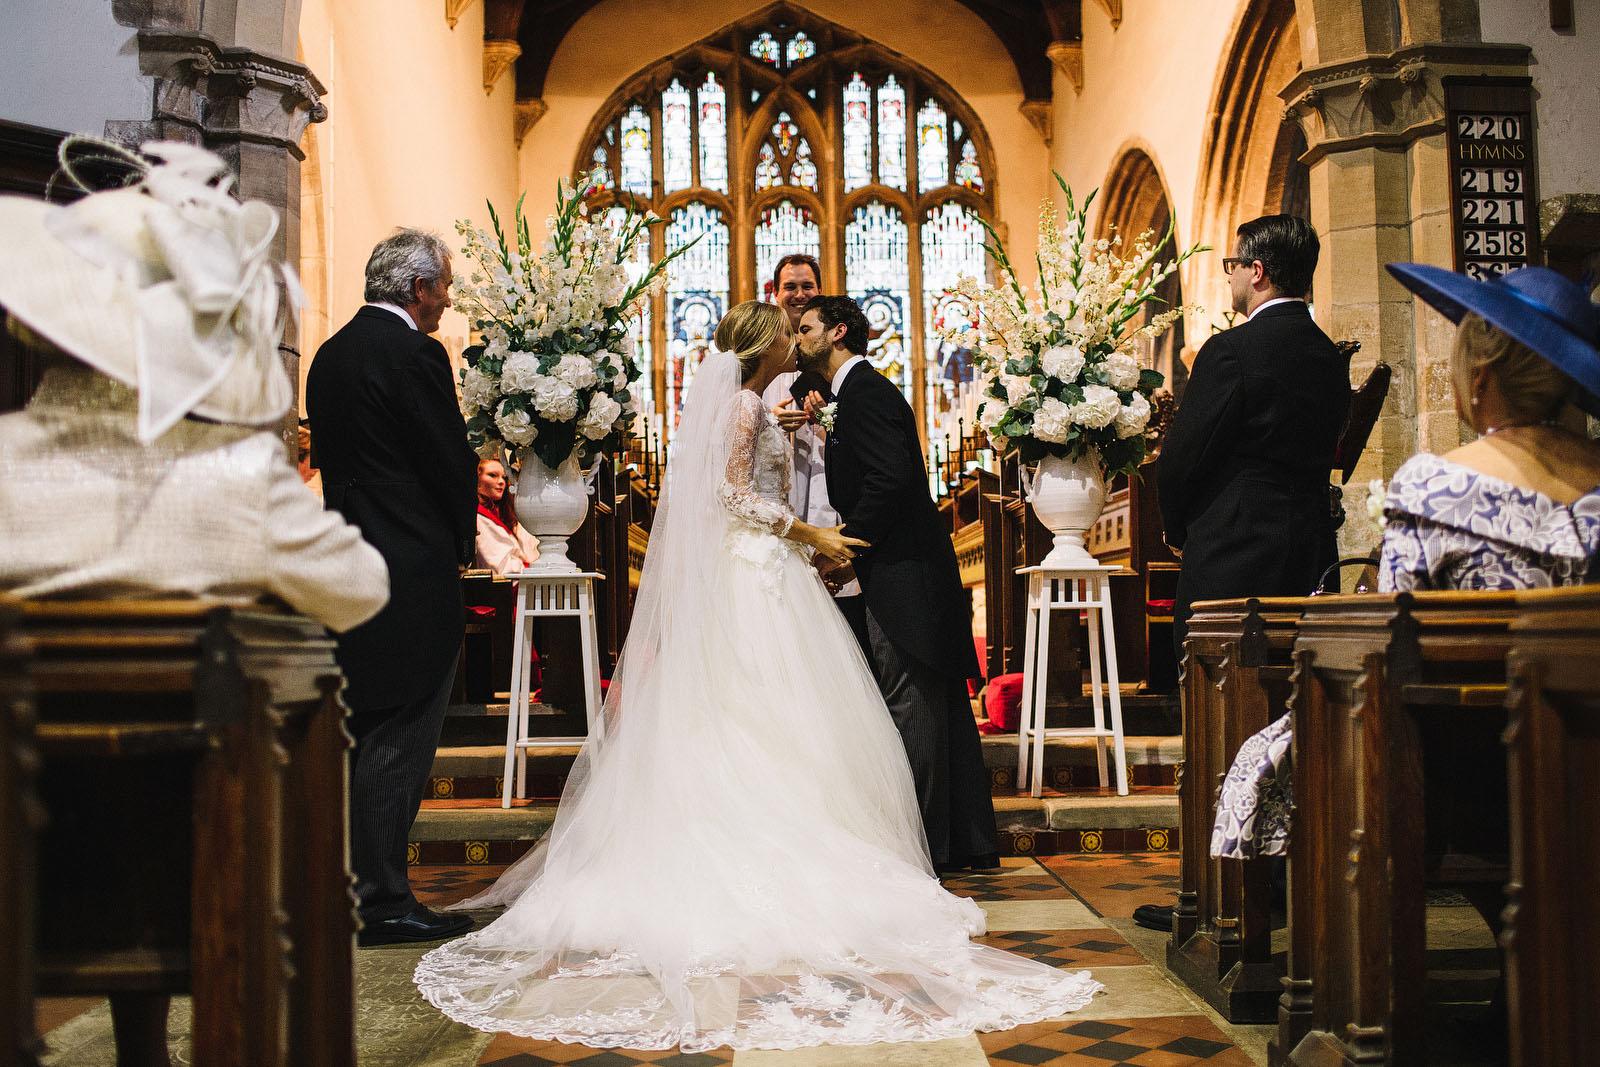 wedding dress by Ellie Saab1